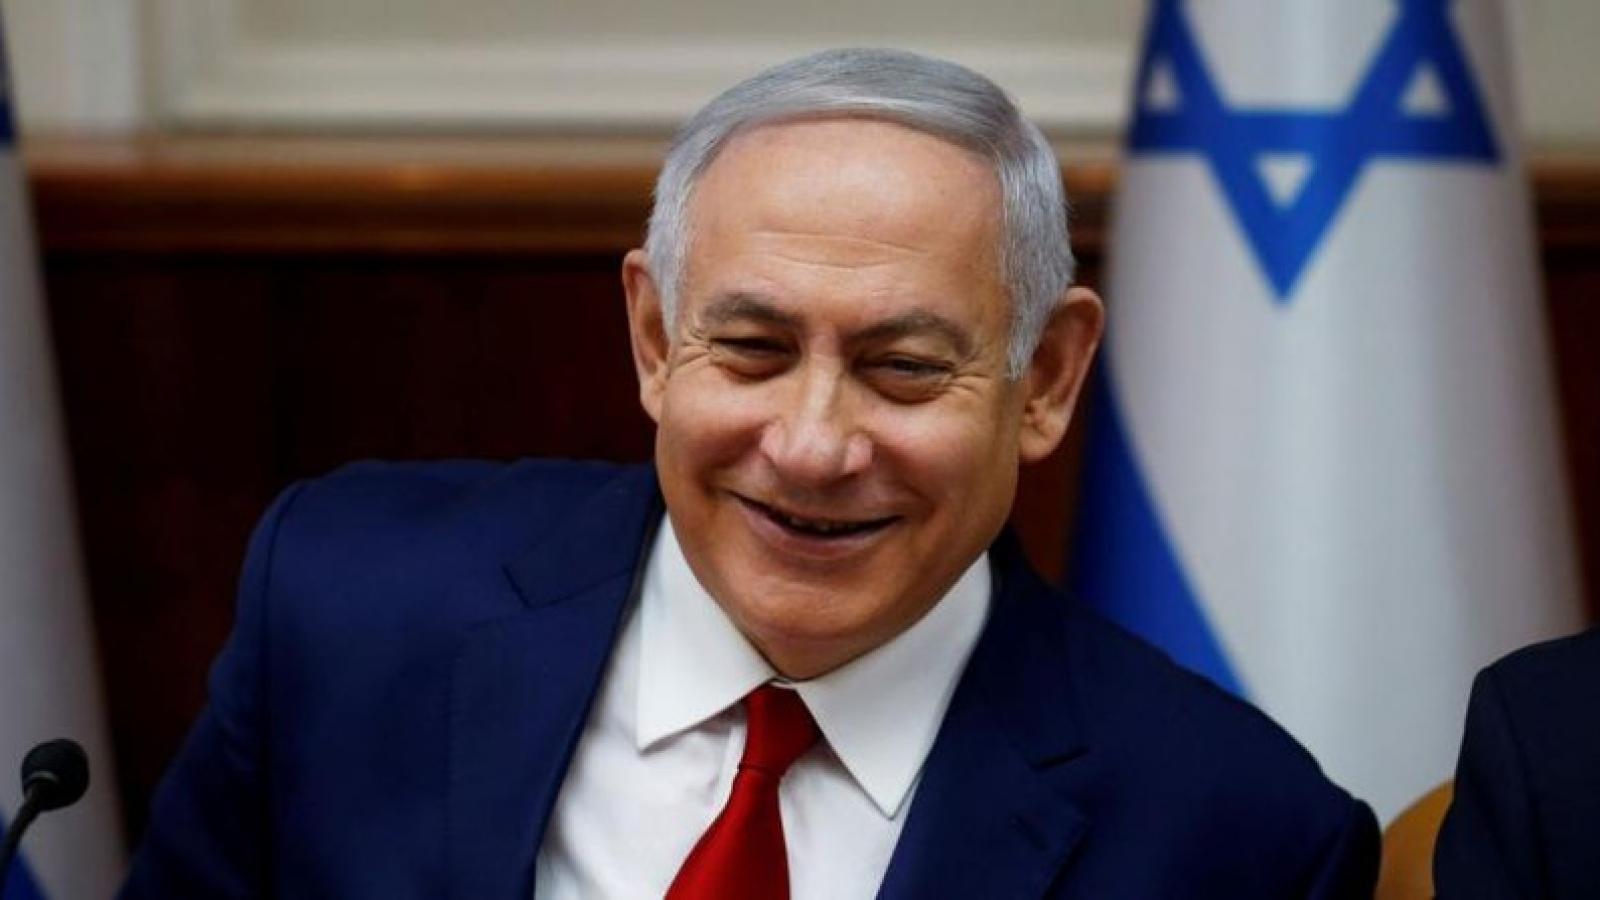 Cục diện chính trị mới của Israel